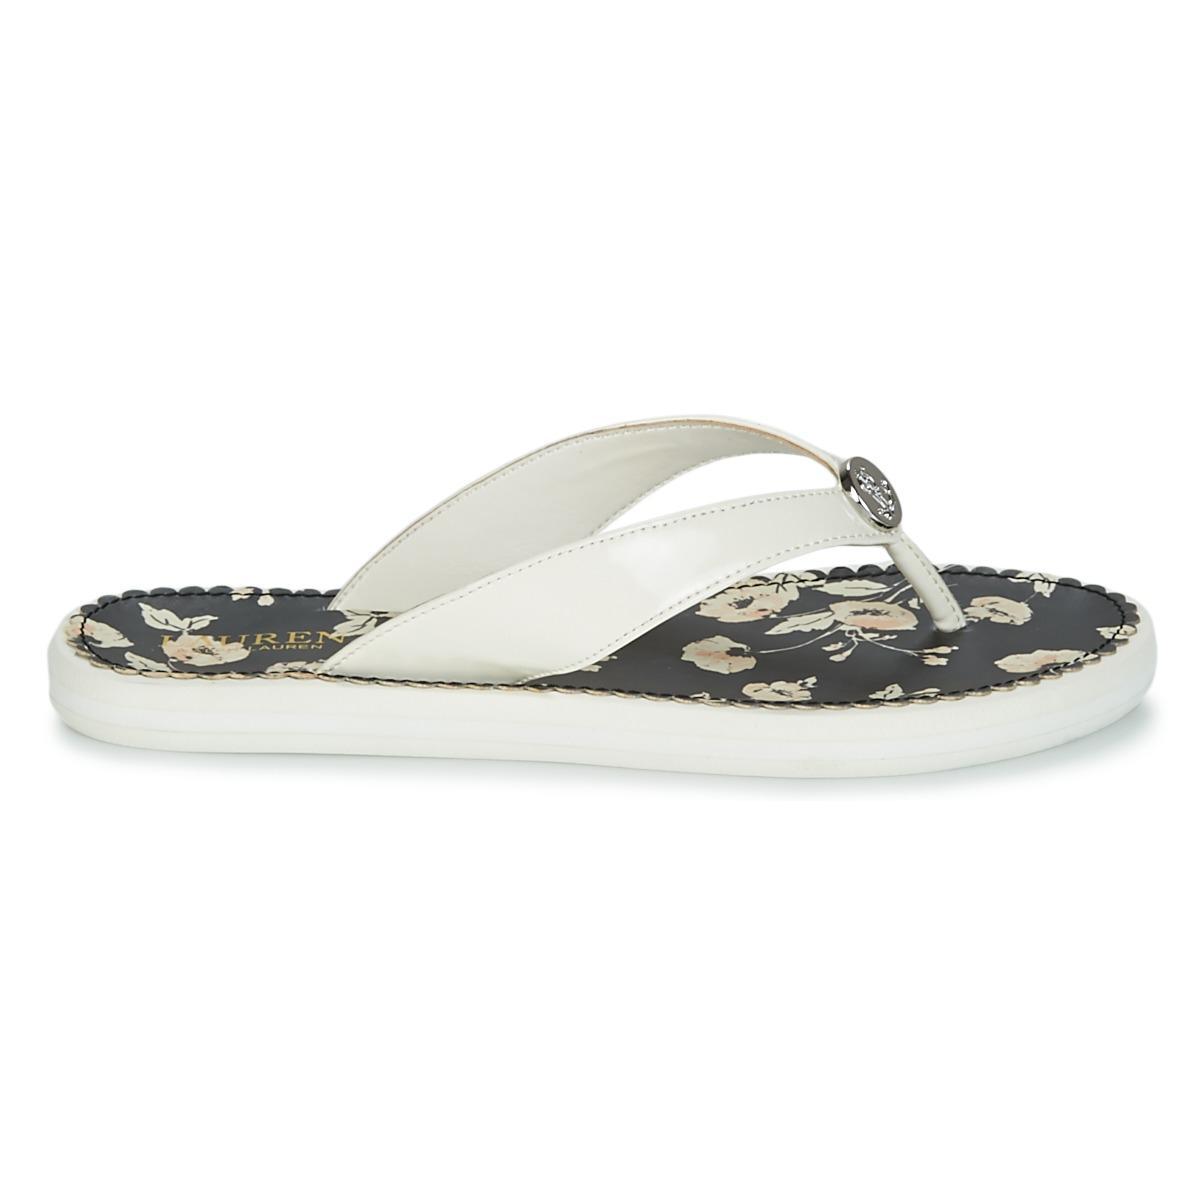 42651f13ca6d Lauren by Ralph Lauren Raia Flip Flops   Sandals (shoes) in White - Lyst